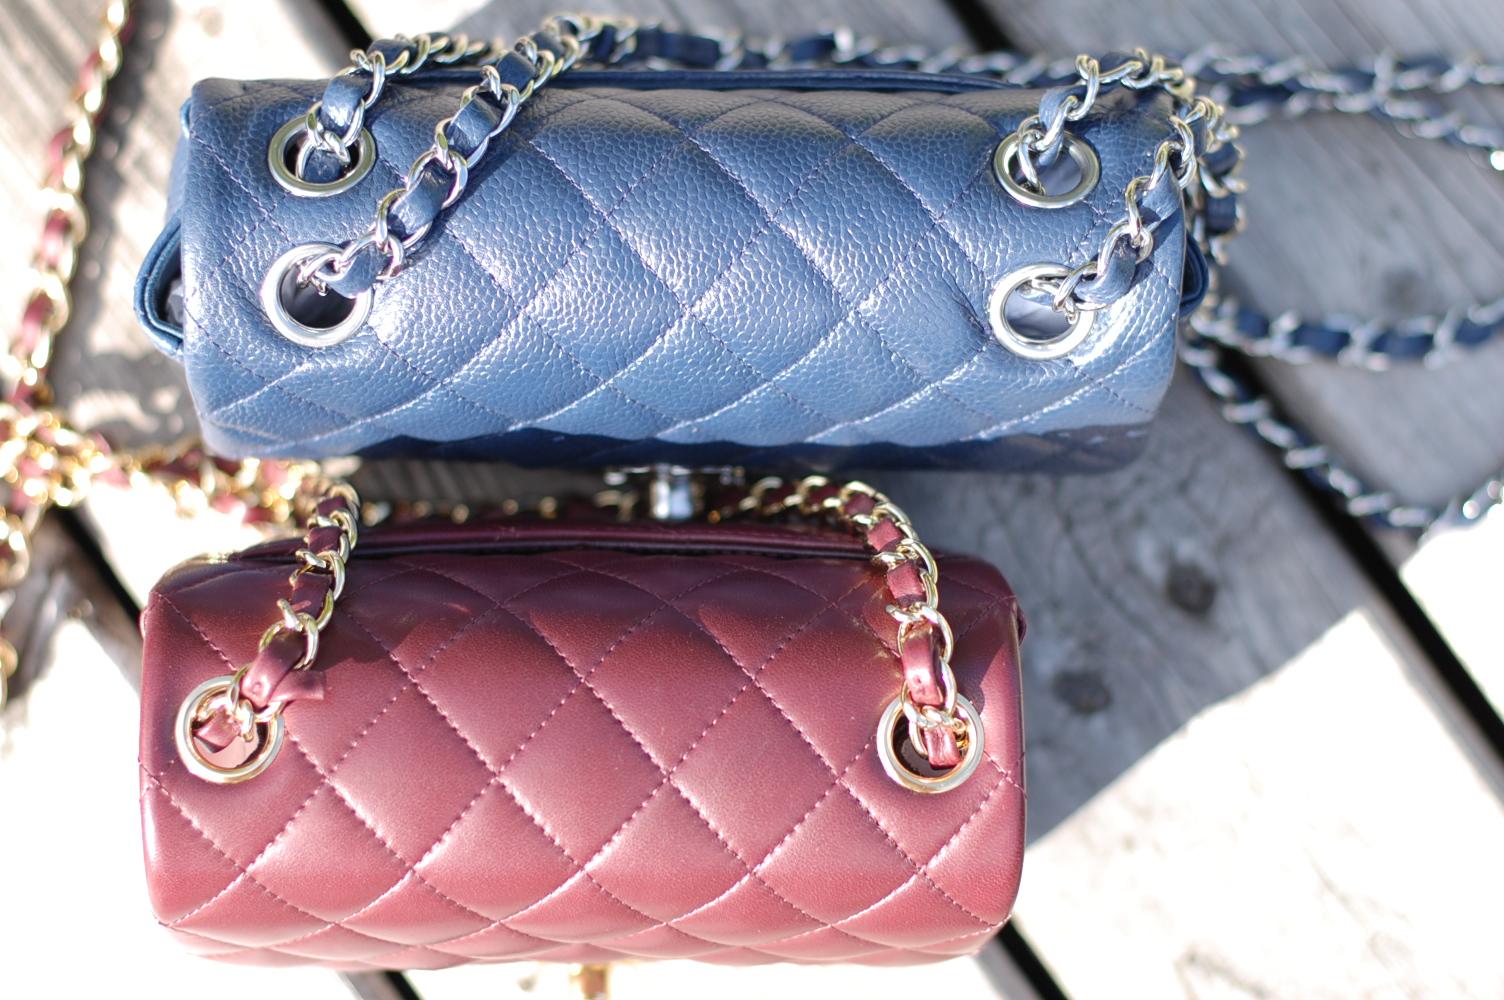 0804485d3d55 Chanel Timeless Classic Mini Flap handbags  A friendly comparison ...